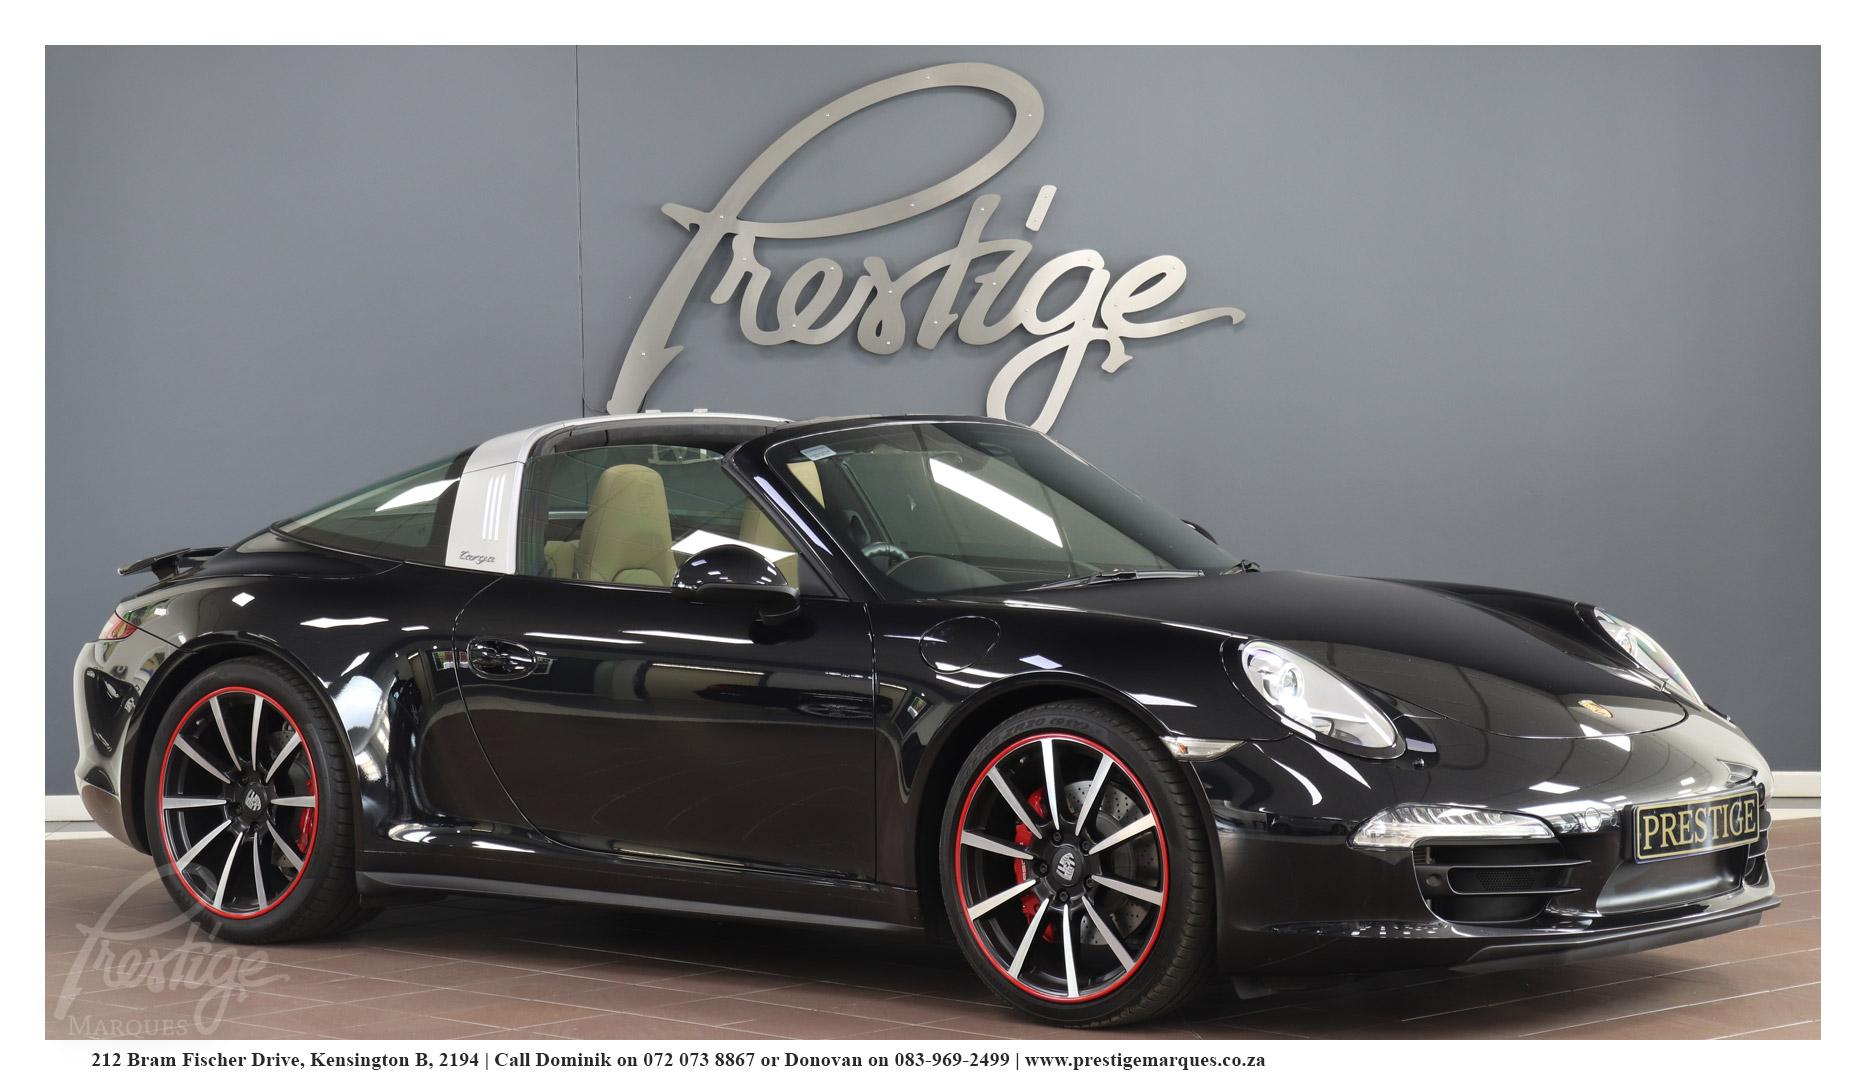 Porsche 911 991 Targa 4s Pdk Prestige Marques